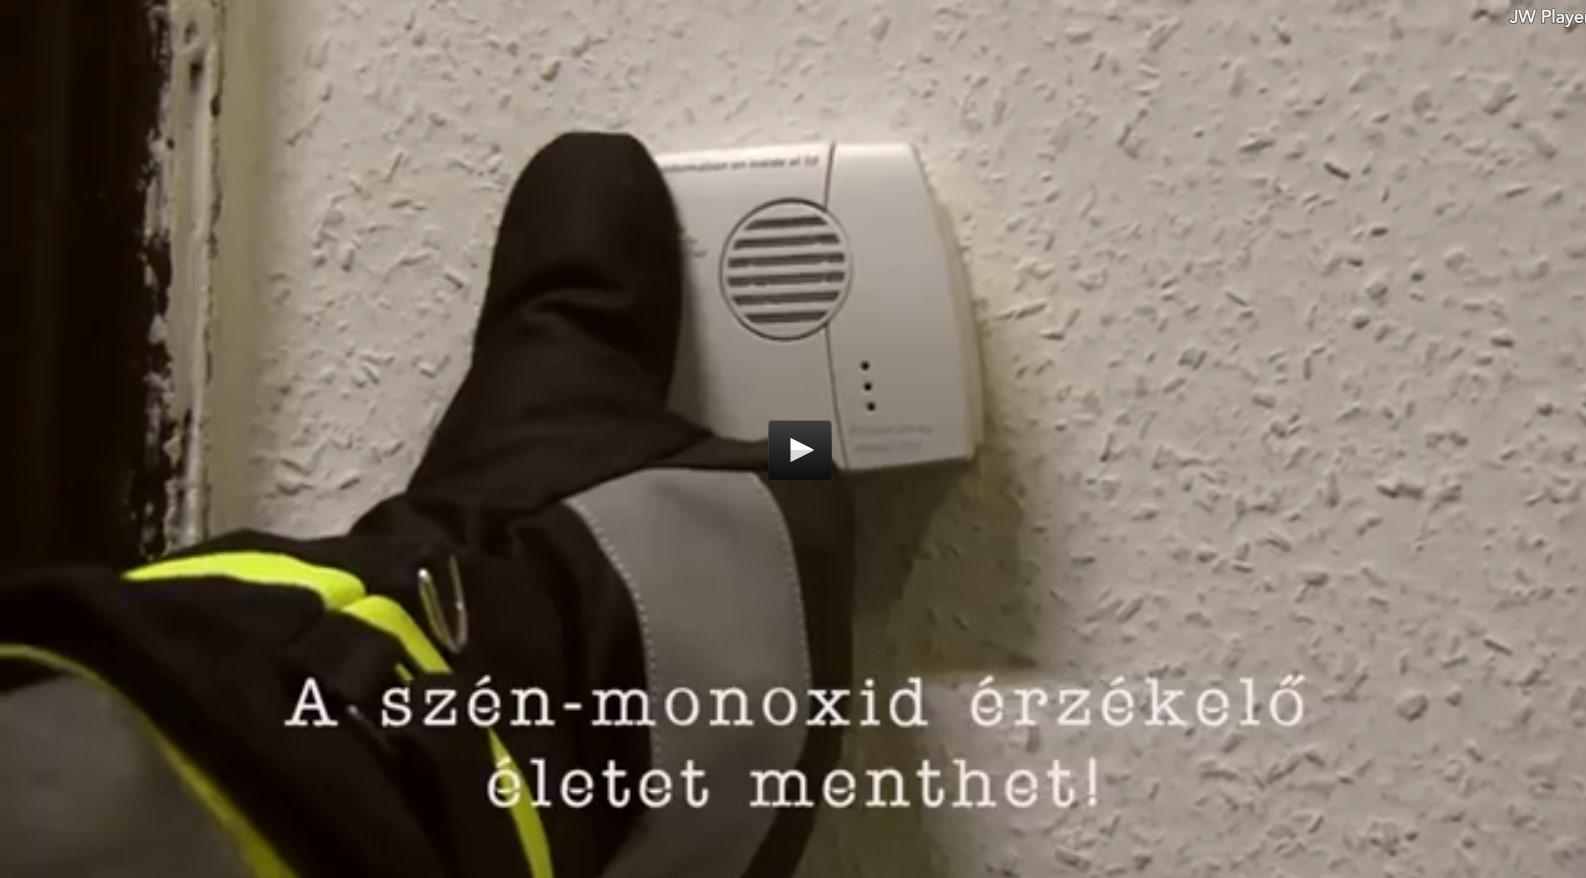 A szén-monoxid ölhet - előzzük meg a mérgezéseket című videó előképe